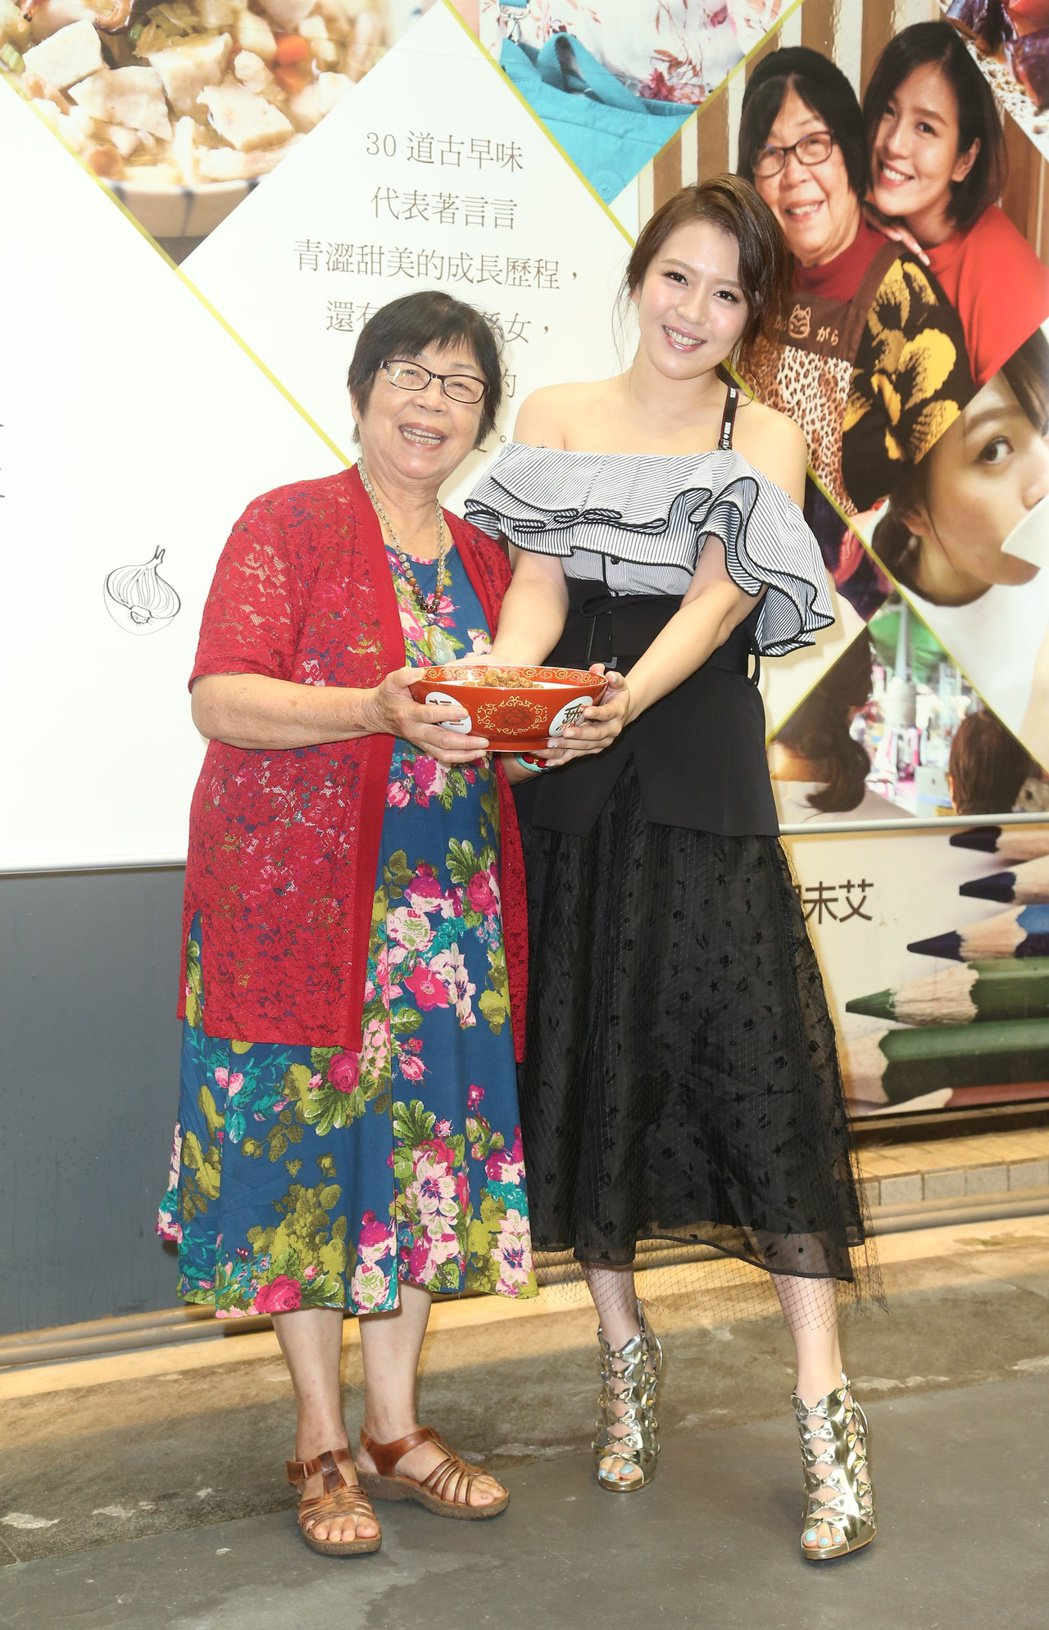 劉品言(右)推出新書「煮光陰」分享與阿嬤(左)的美味好時光。記者陳立凱/攝影